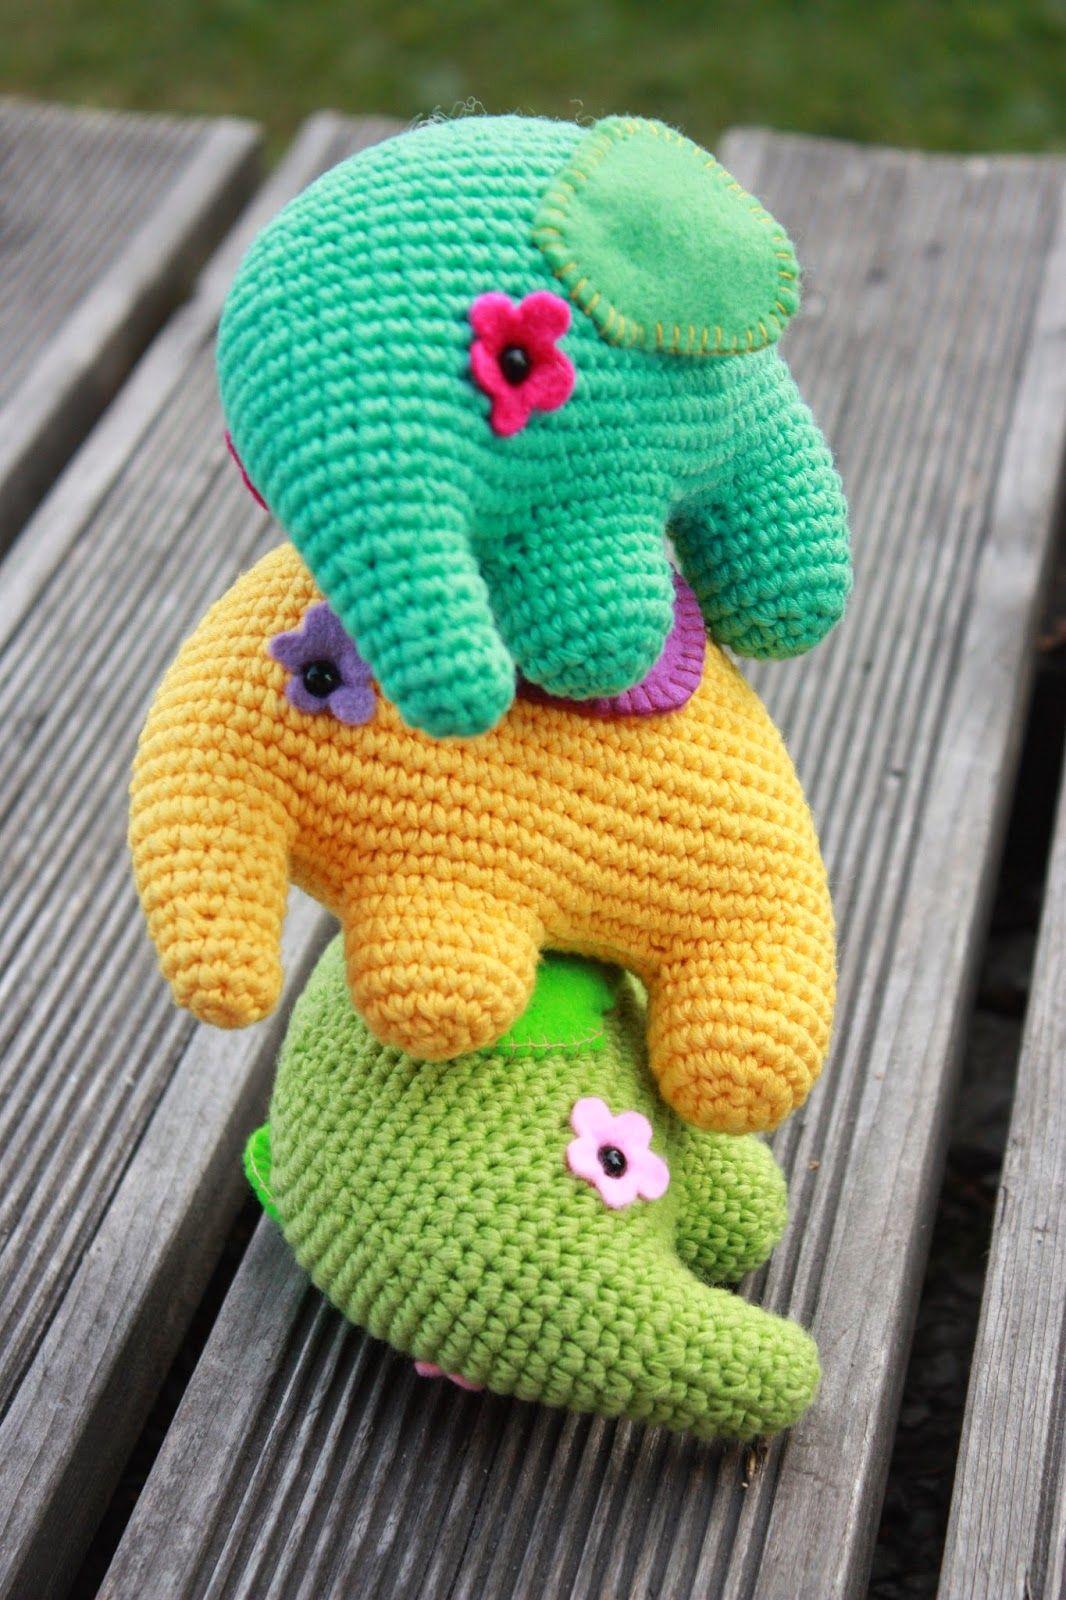 Crochet Stuffed Elephant Pattern Simple Inspiration Ideas